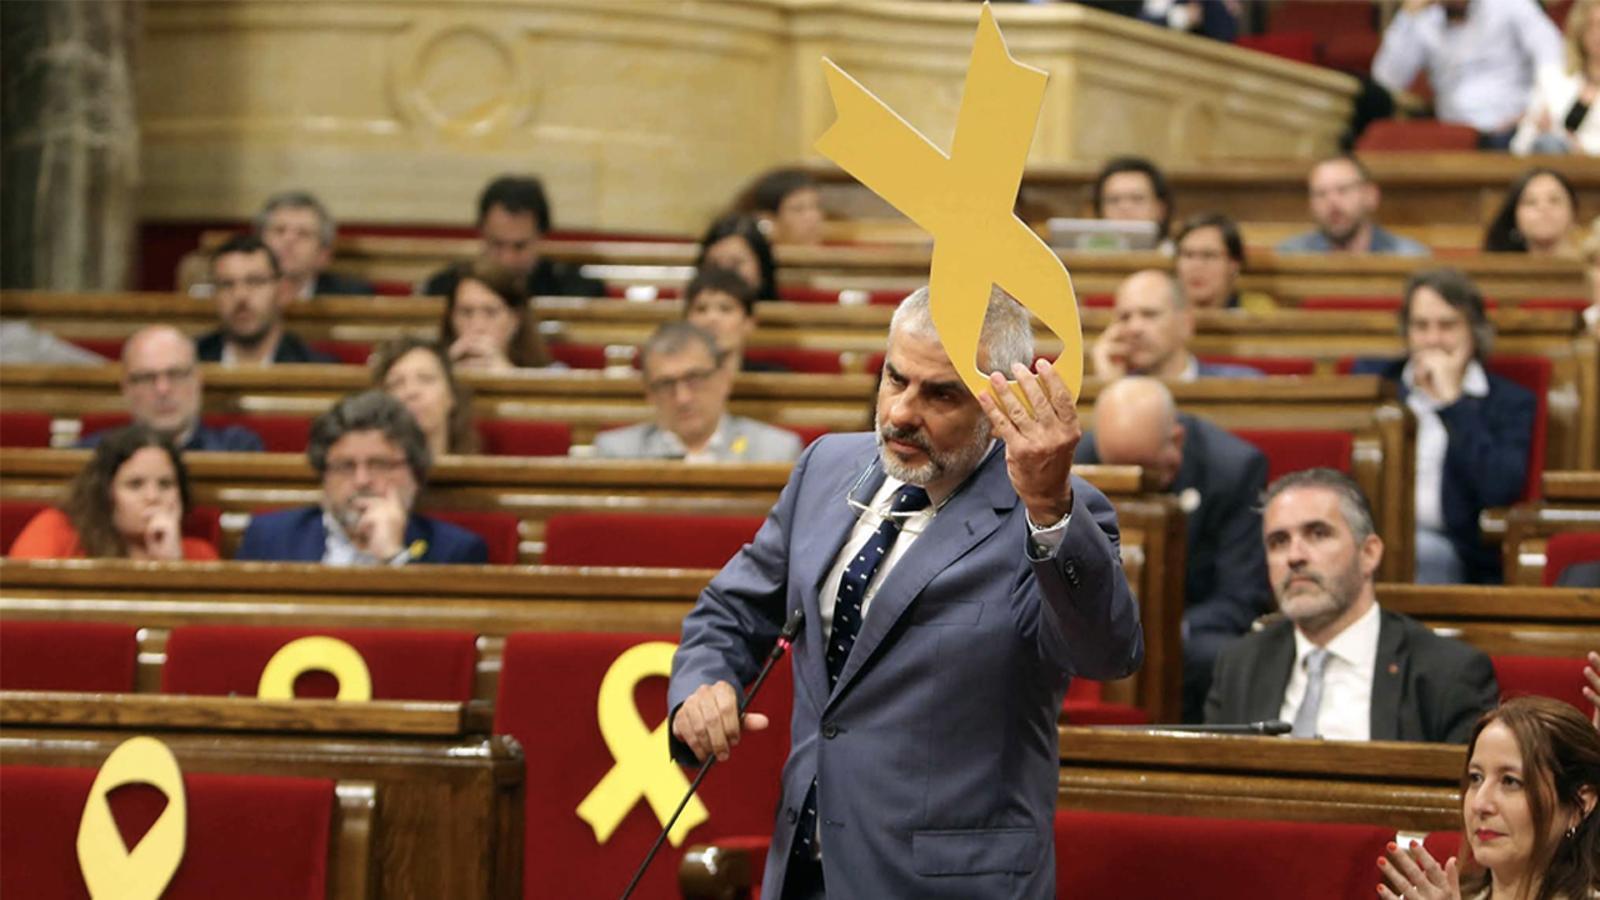 Torrent i Carrizosa s'enfronten per un llaç groc a la bancada del Govern